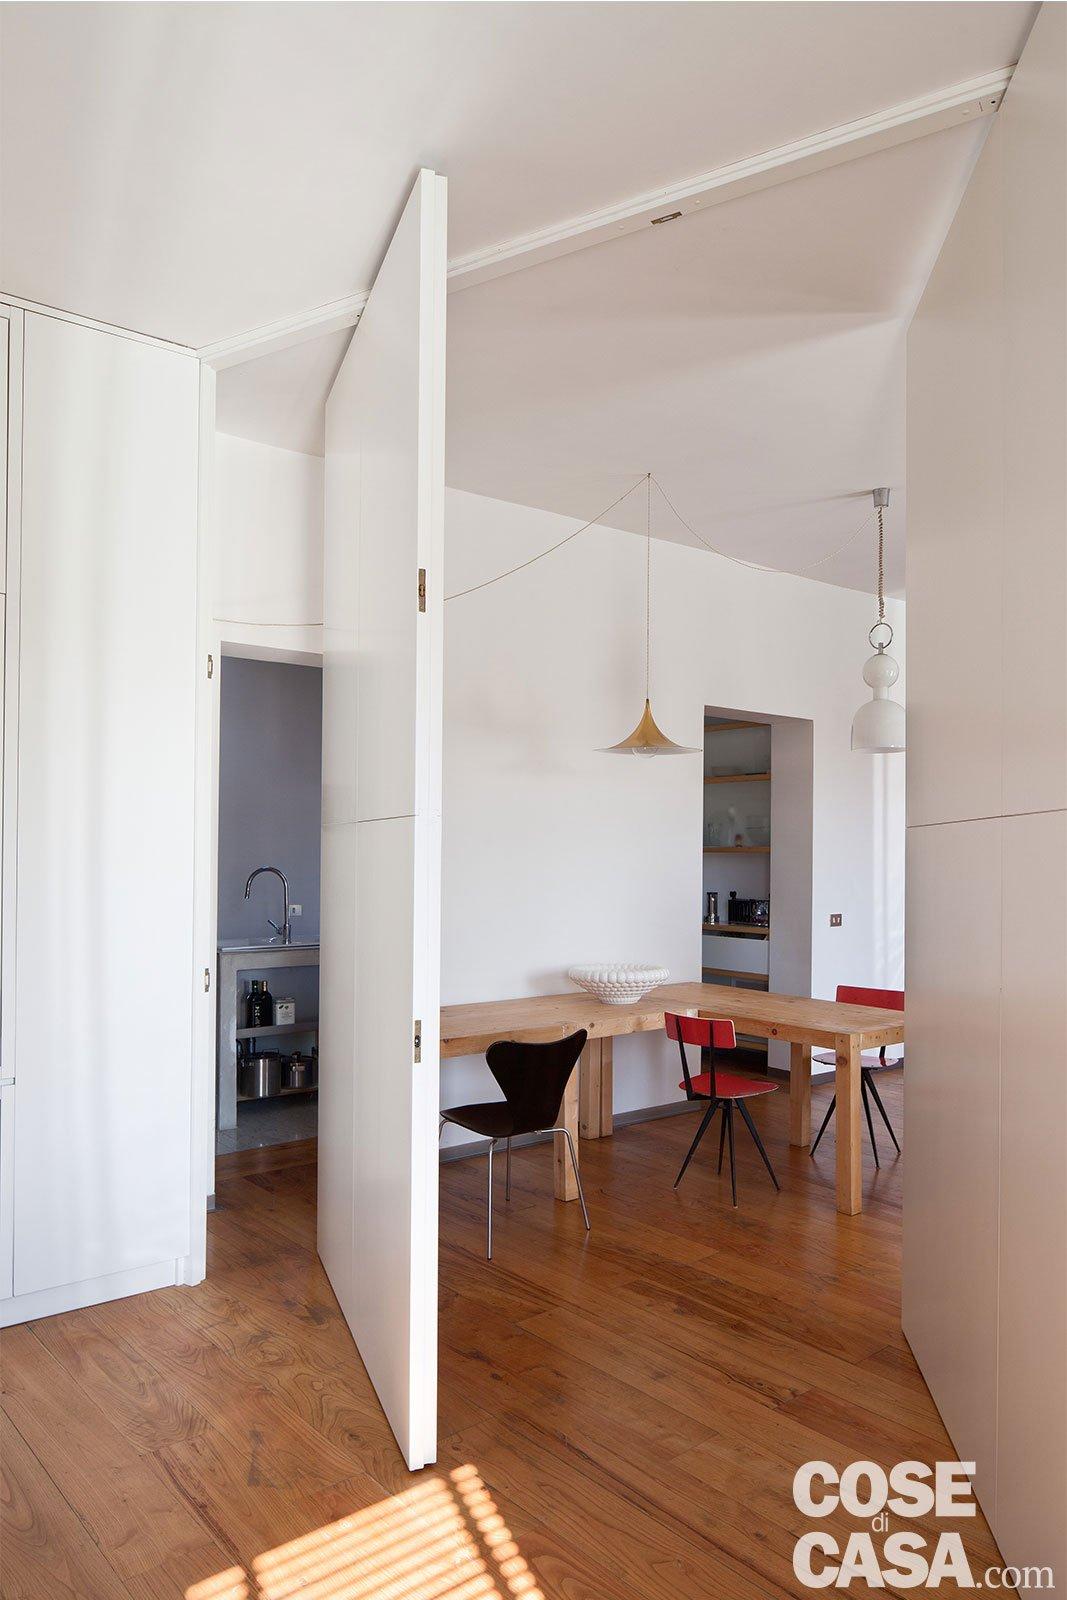 80 mq con pareti apribili che trasformano l 39 open space in ambienti separati cose di casa - Pareti per cucina ...